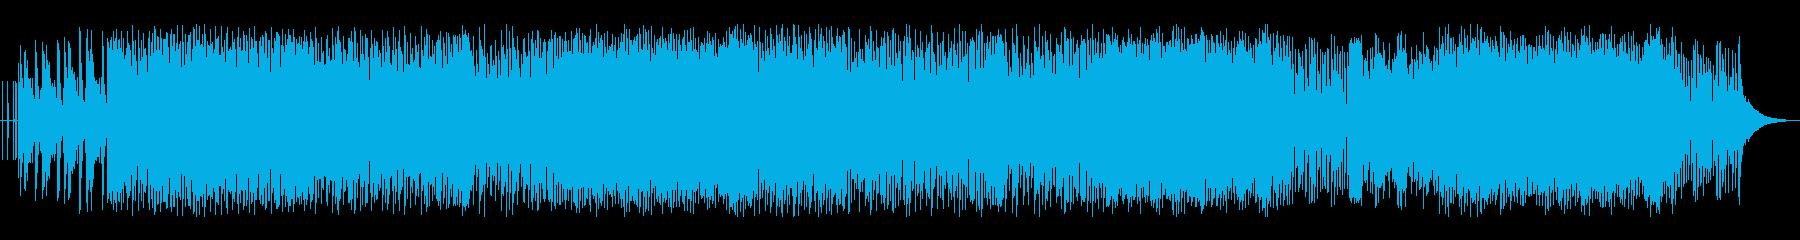 アップテンポでノリのよいポップスの再生済みの波形